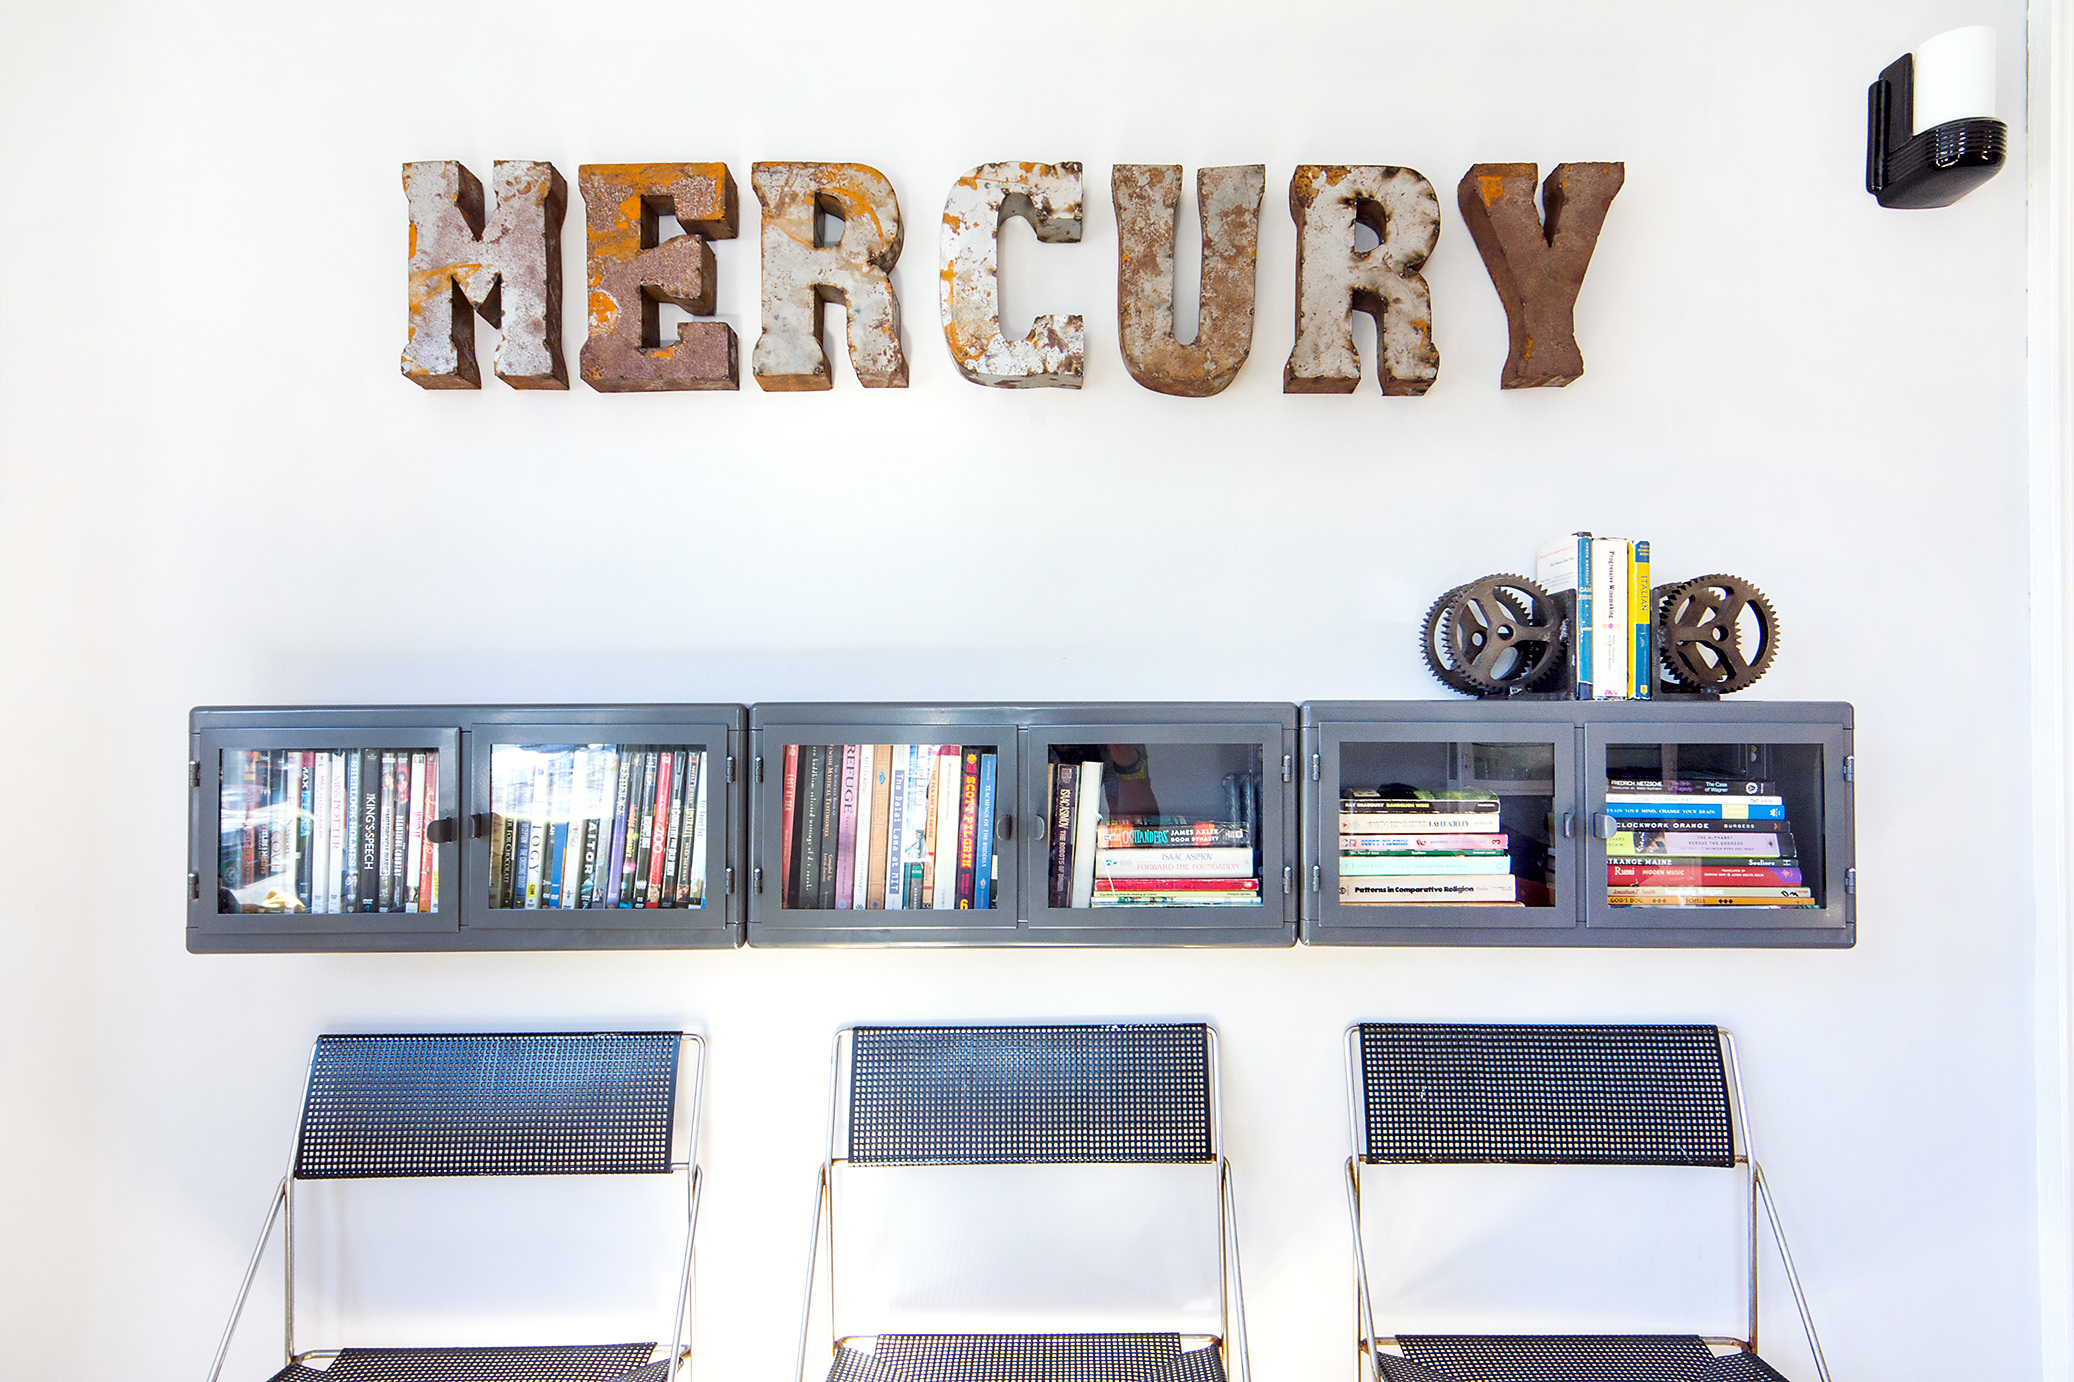 MERC-MERCWALL-copy.jpg